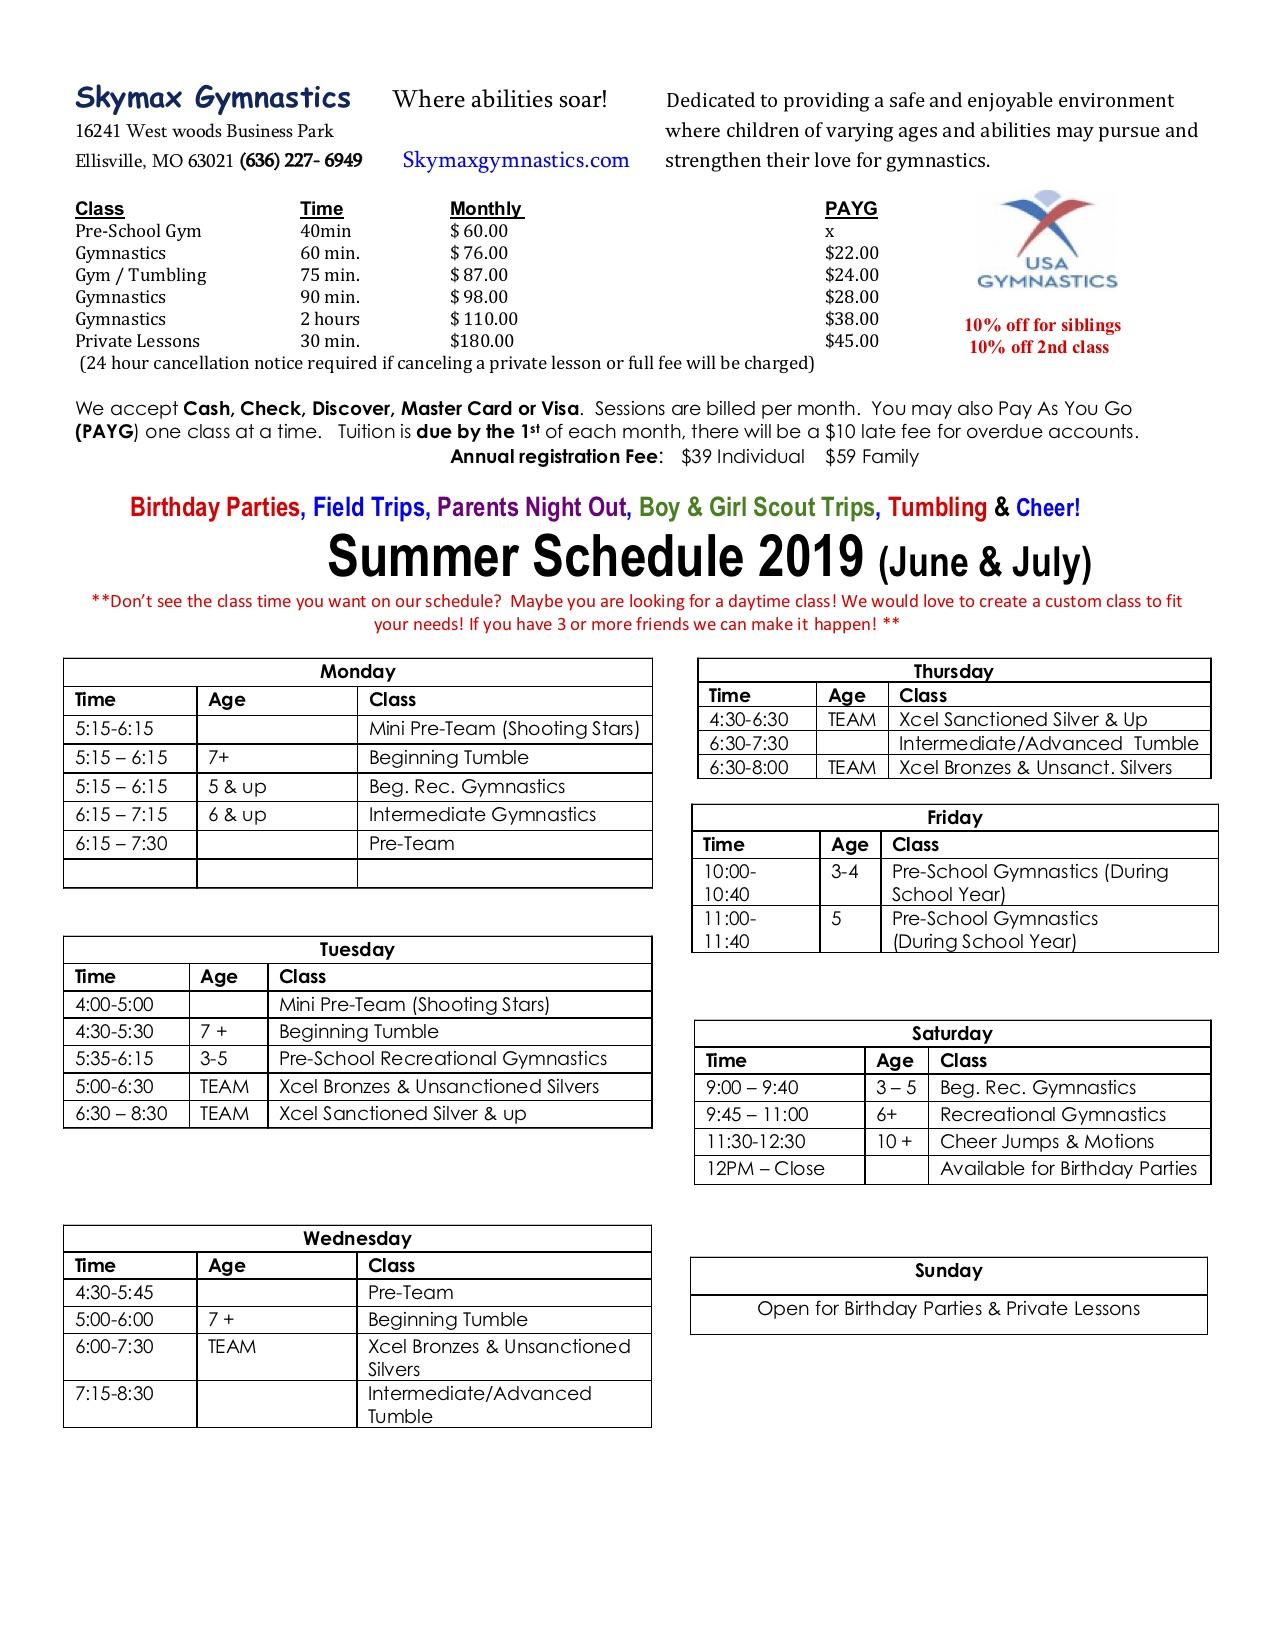 2019 Summer Schedule.jpg